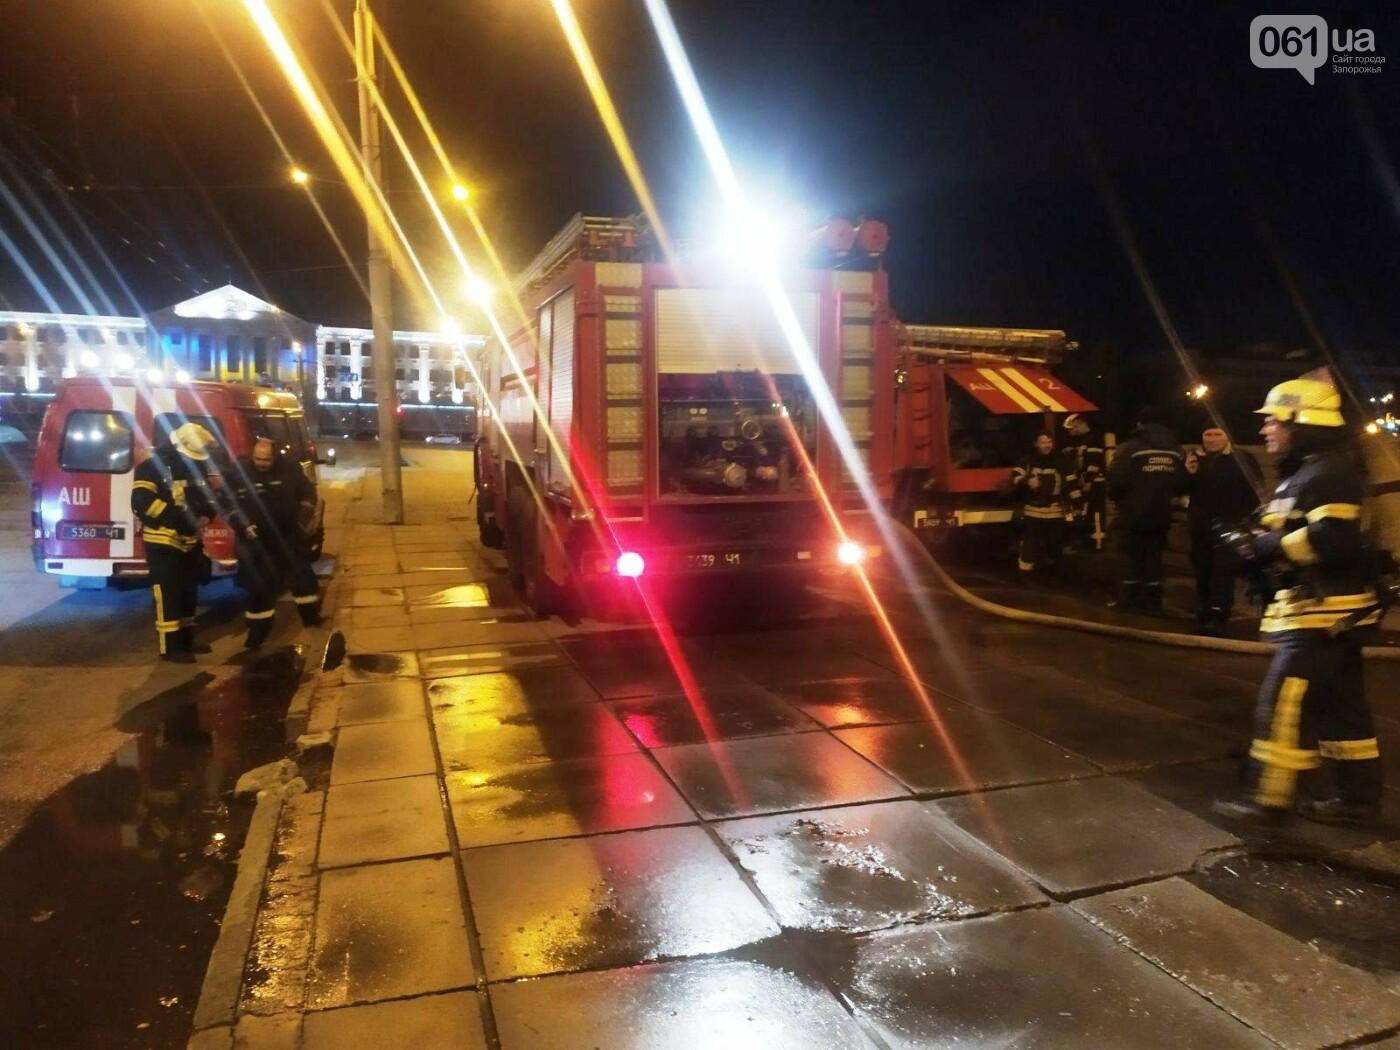 В Запорожье в ДК «Днепроспецсталь» горел выставочный зал: погибли несколько питомцев, - ФОТО, фото-4